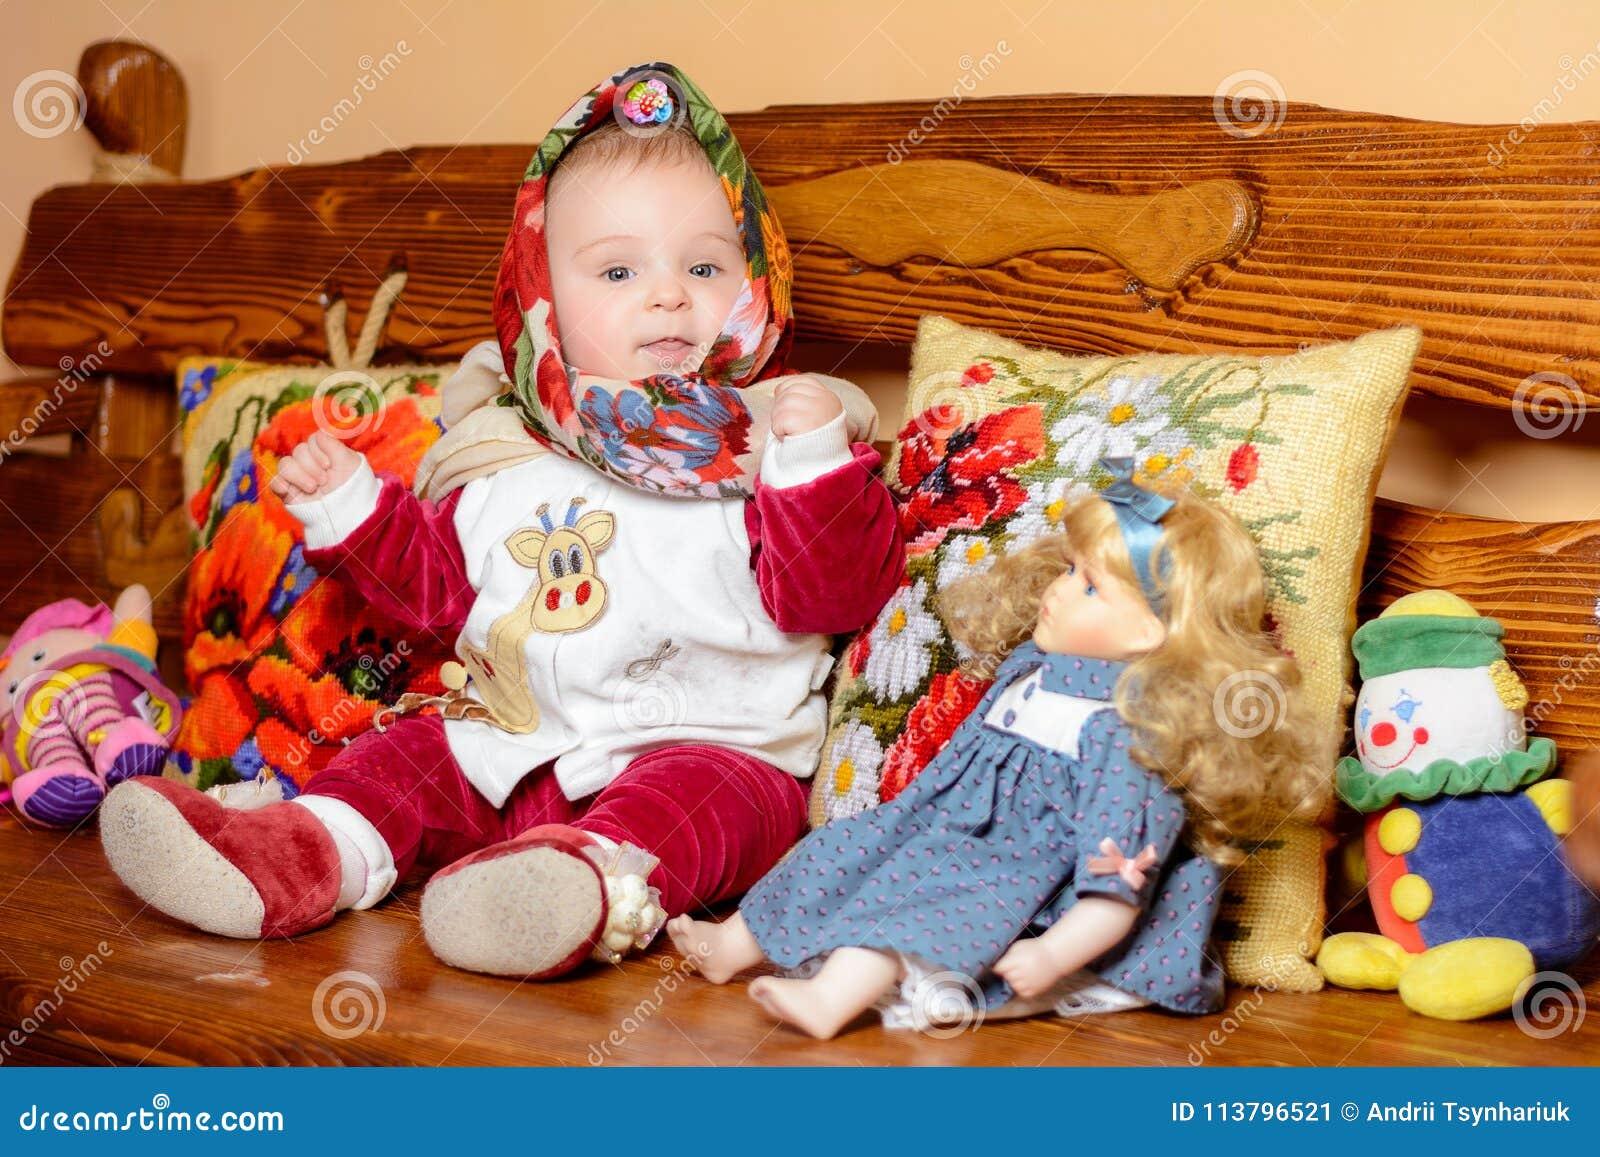 Ein kleines Kind in einem Schal, der auf einem Sofa mit gestickten Kissen sitzt